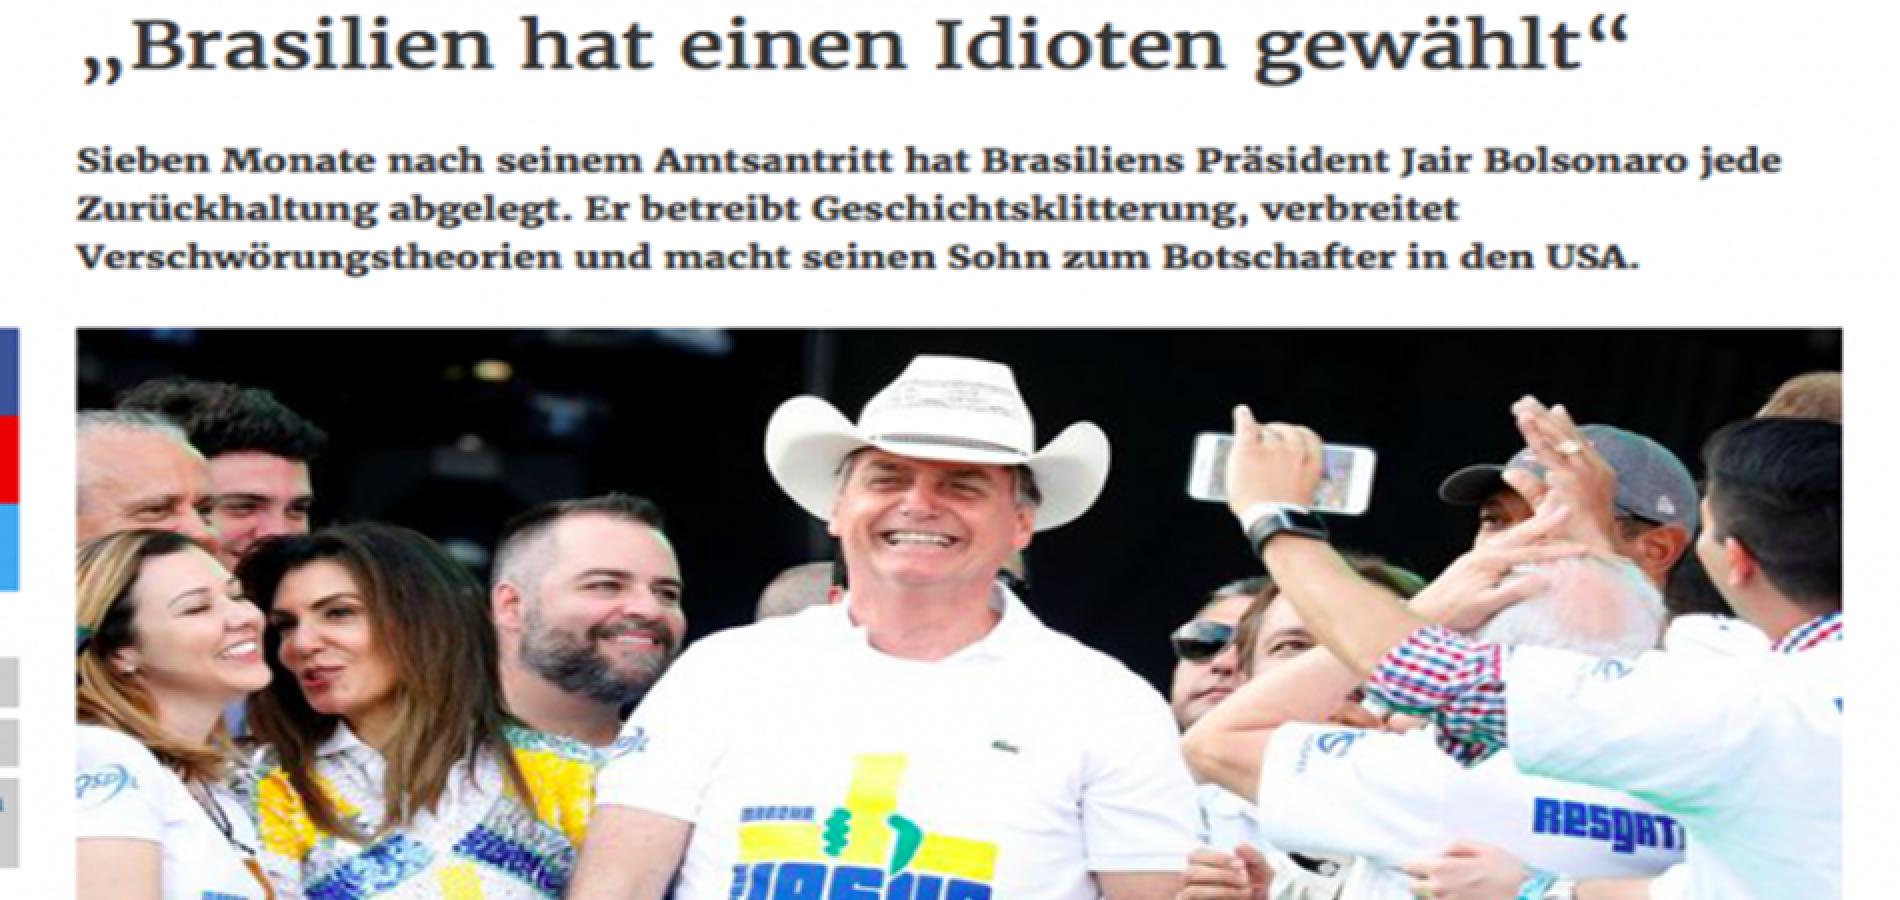 """""""O Brasil elegeu um idiota"""", diz um dos maiores e mais antigos jornais da Áustria sobre Bolsonaro"""